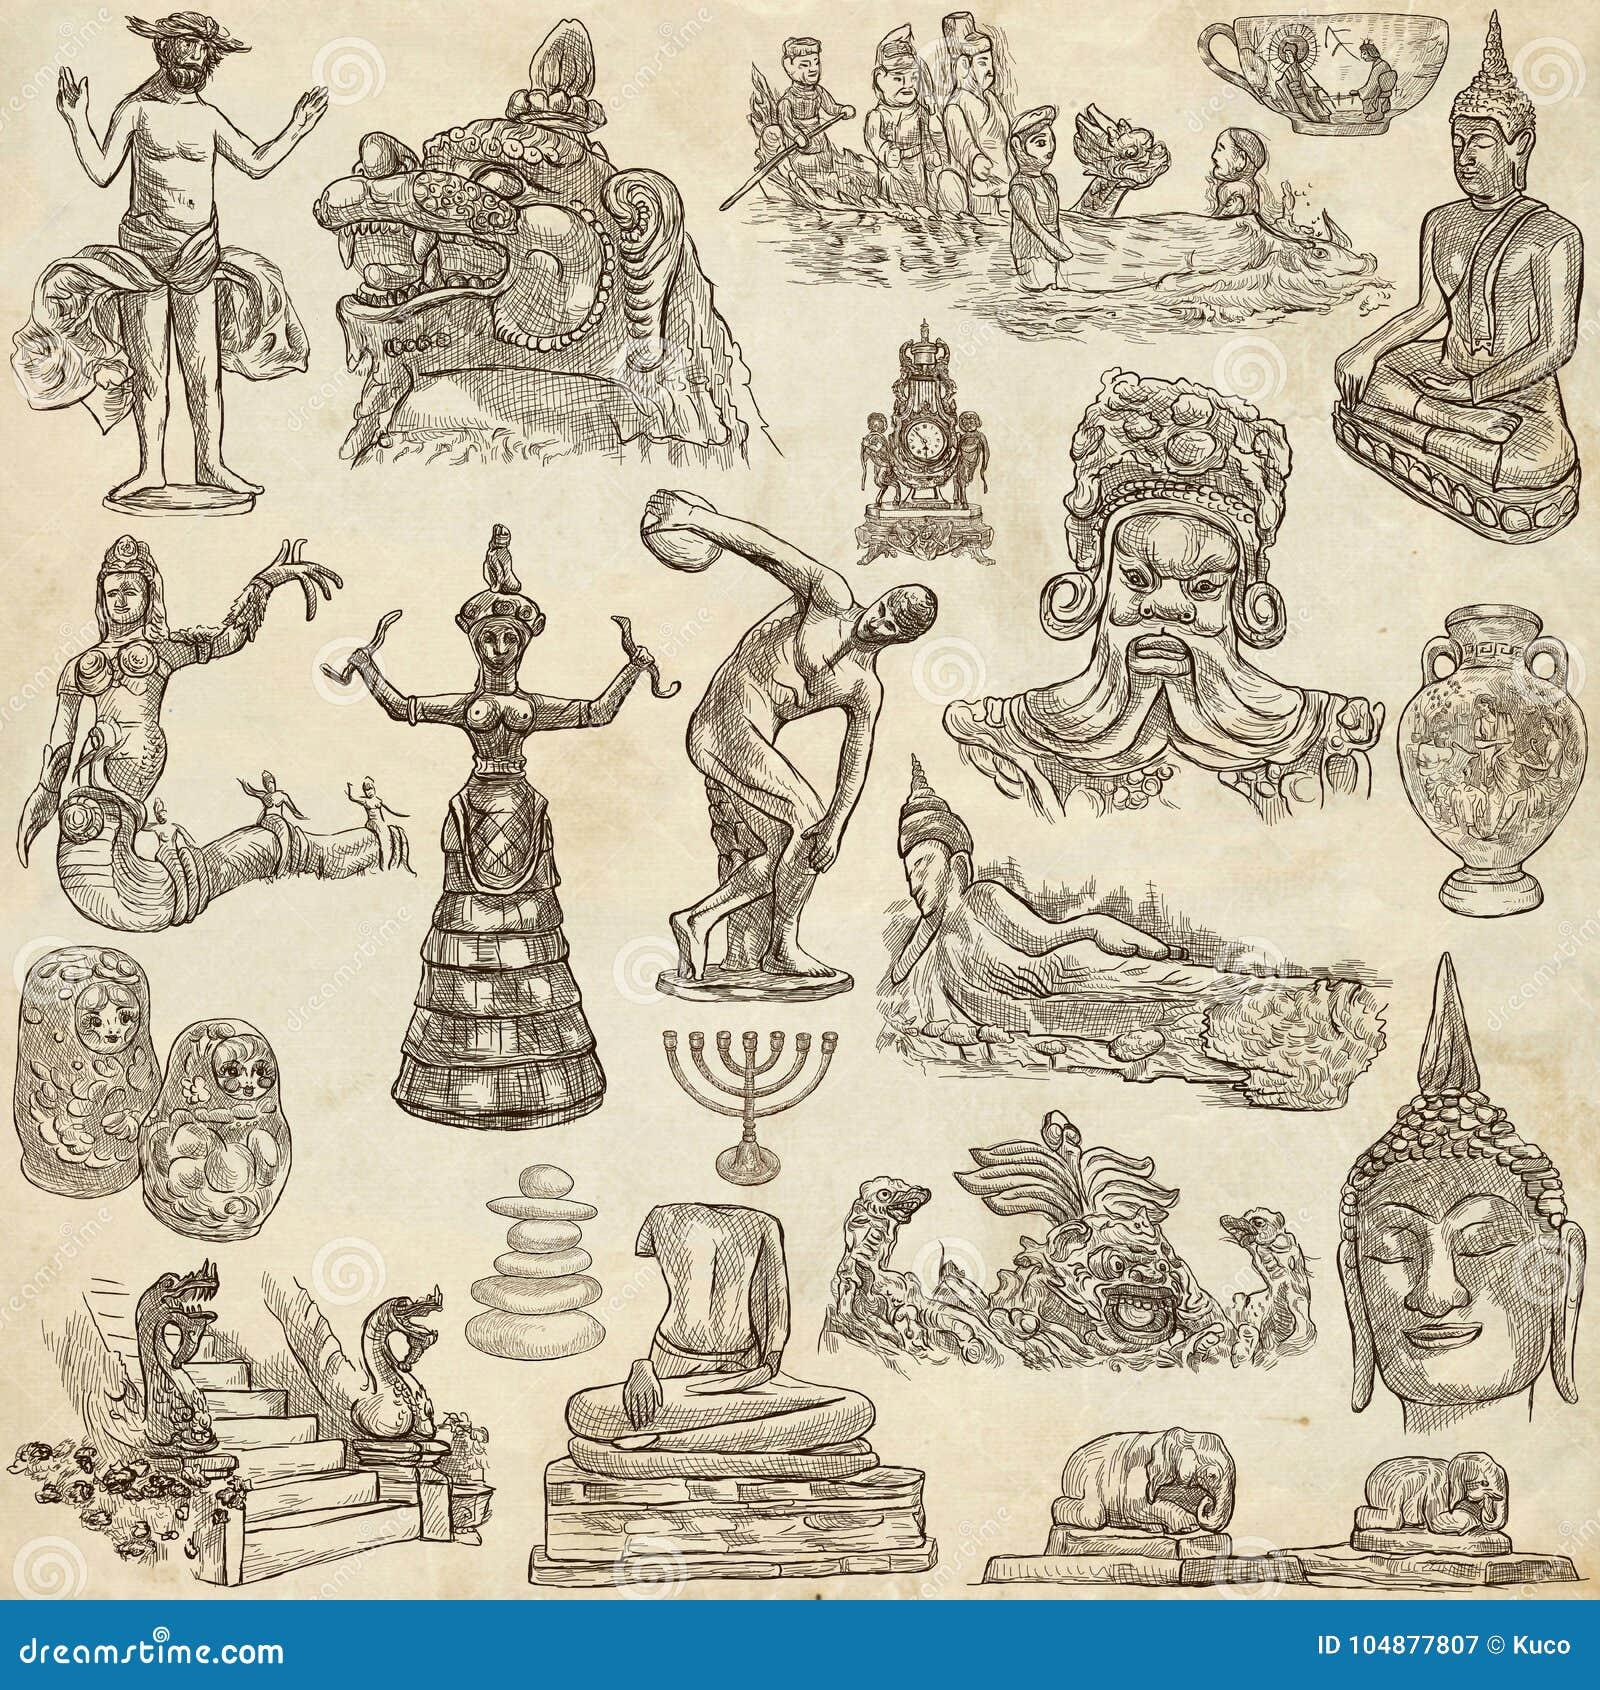 Arte nativa e velha - entregue a coleção tirada no papel velho